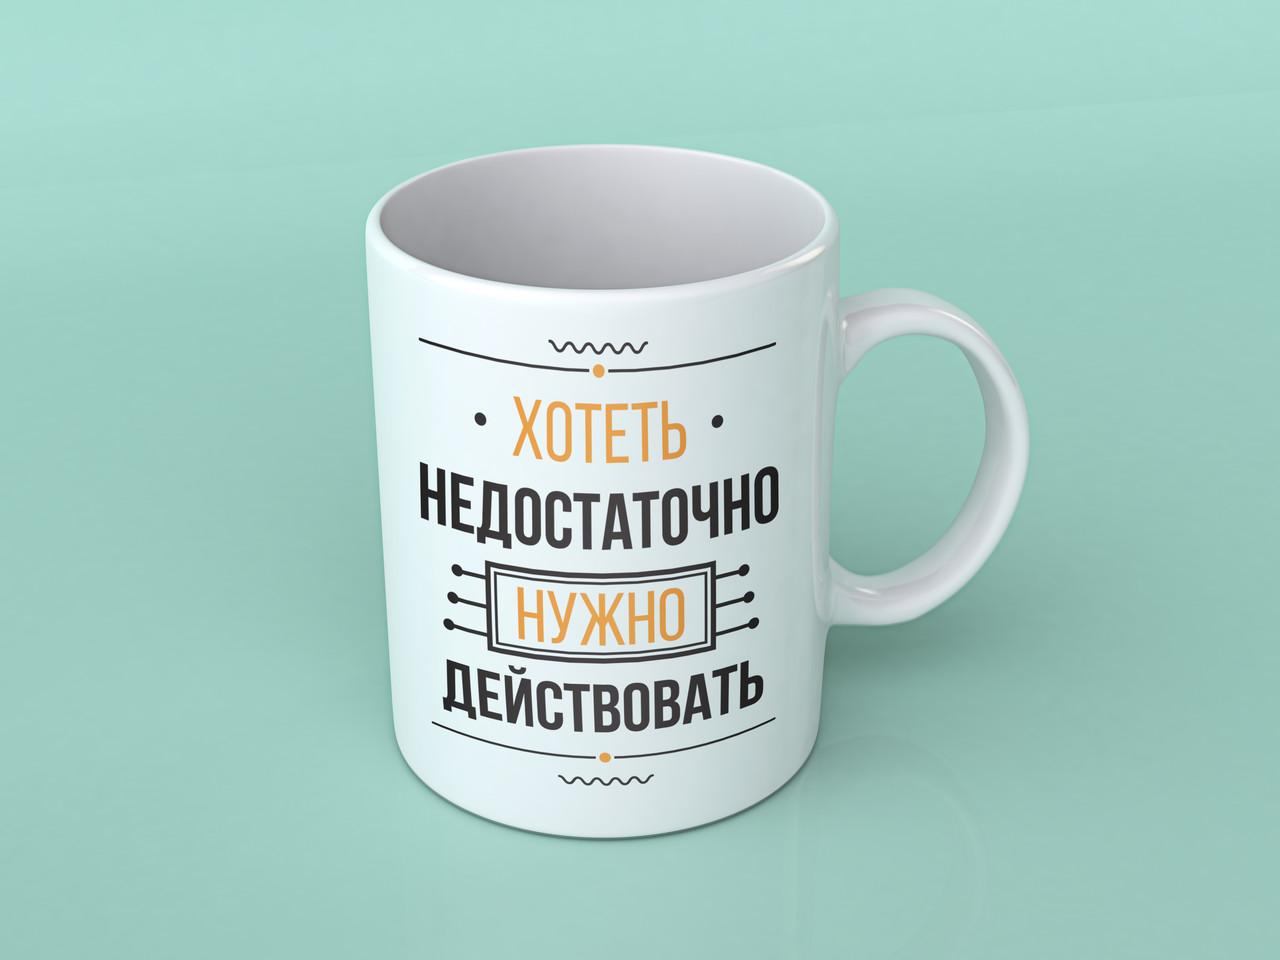 """Чашка """"Хотеть недостаточно, нужно действовать"""""""